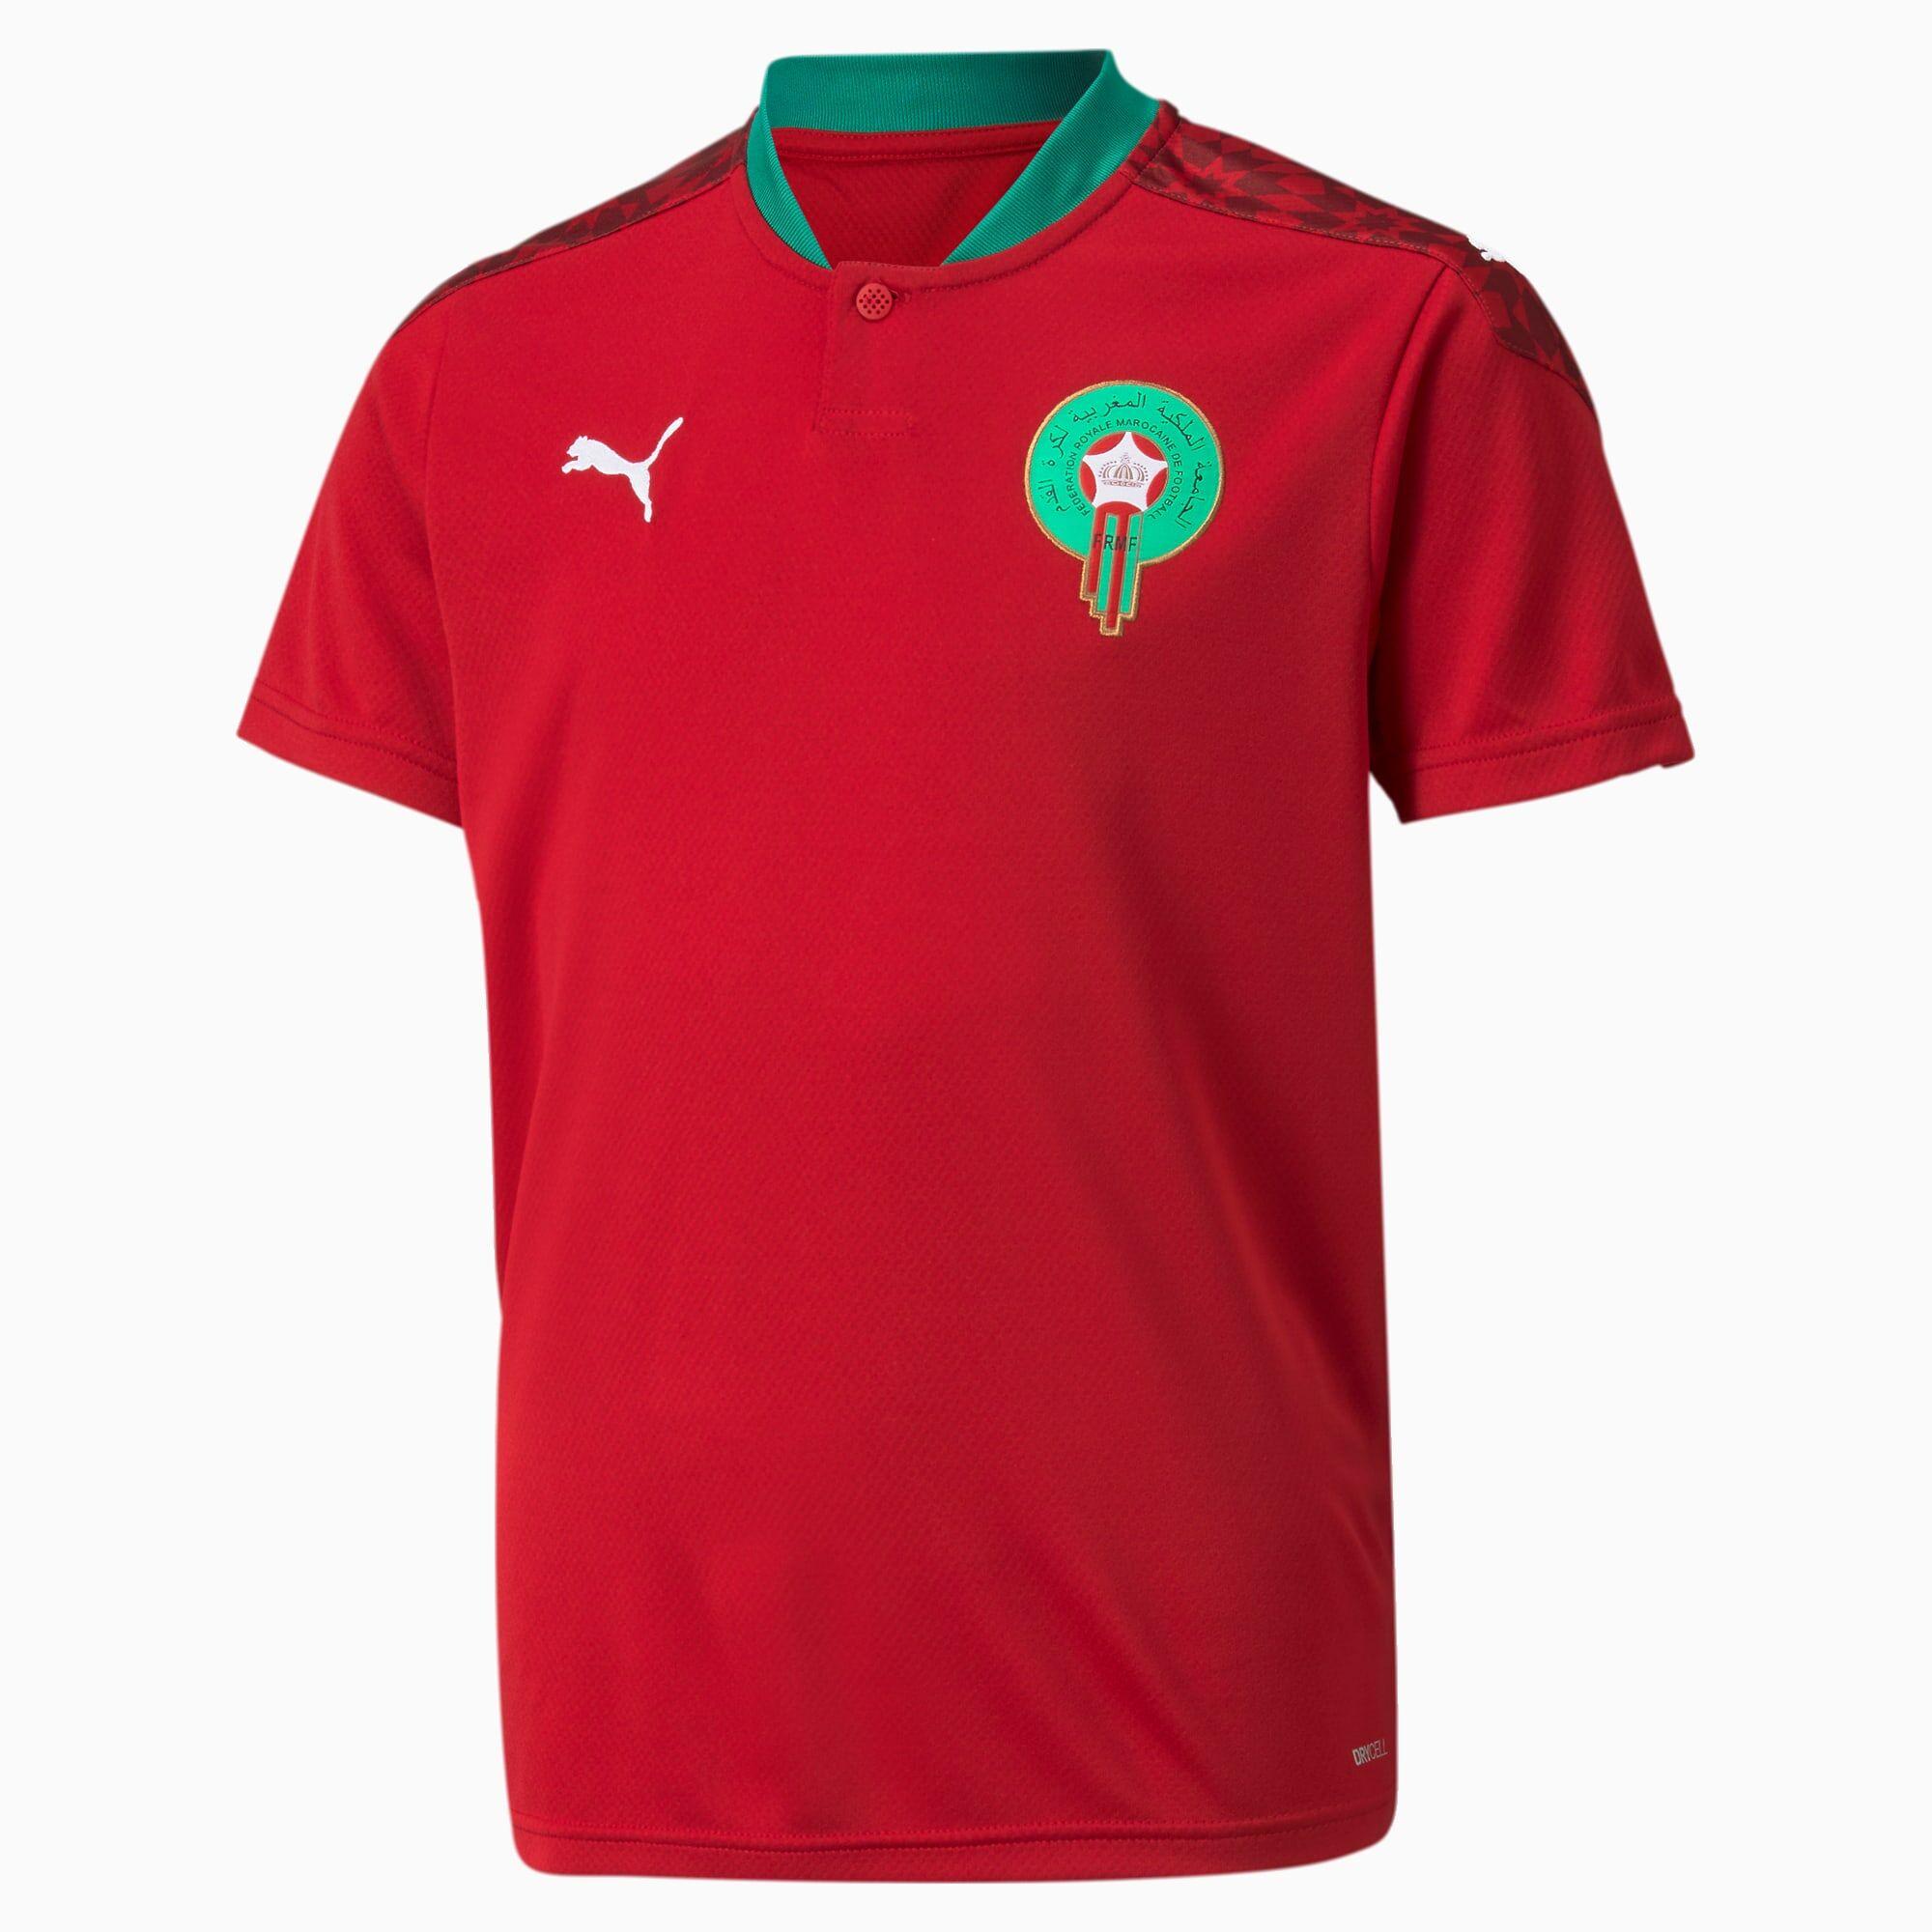 PUMA Maillot Domicile Maroc Youth Replica pour Enfant, Rouge/Blanc, Taille 152, Vêtements